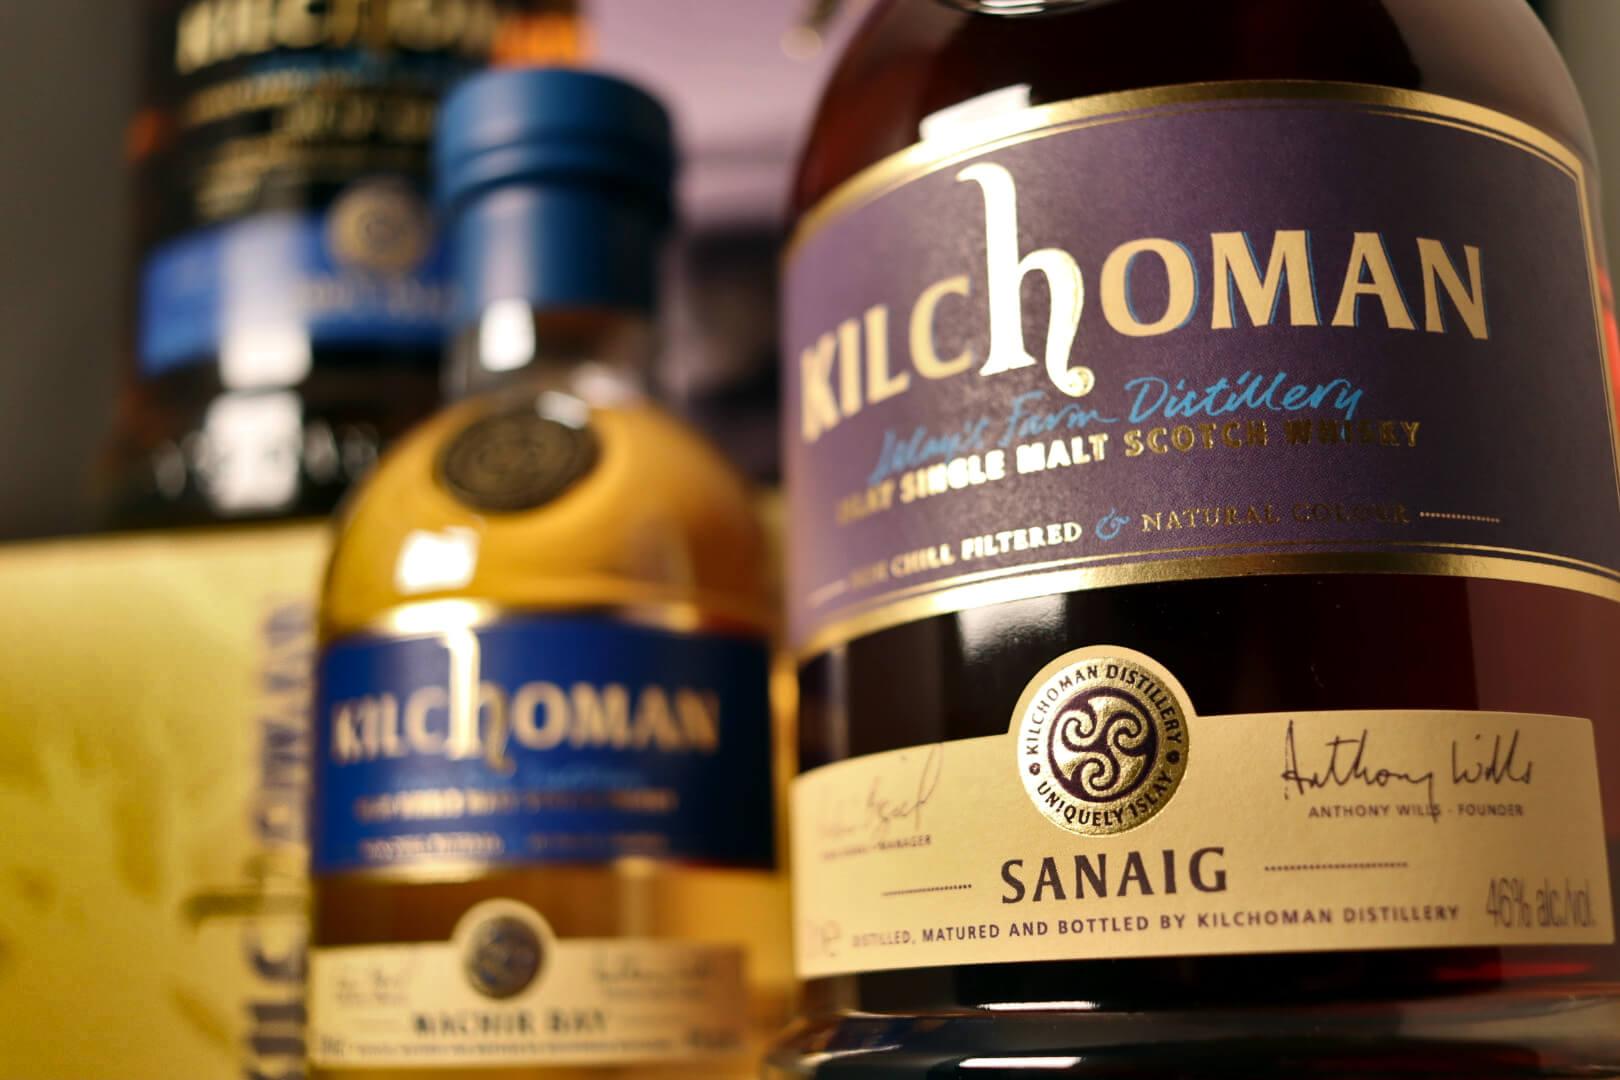 Whiskybesprechung #197: Kilchoman Sanaig